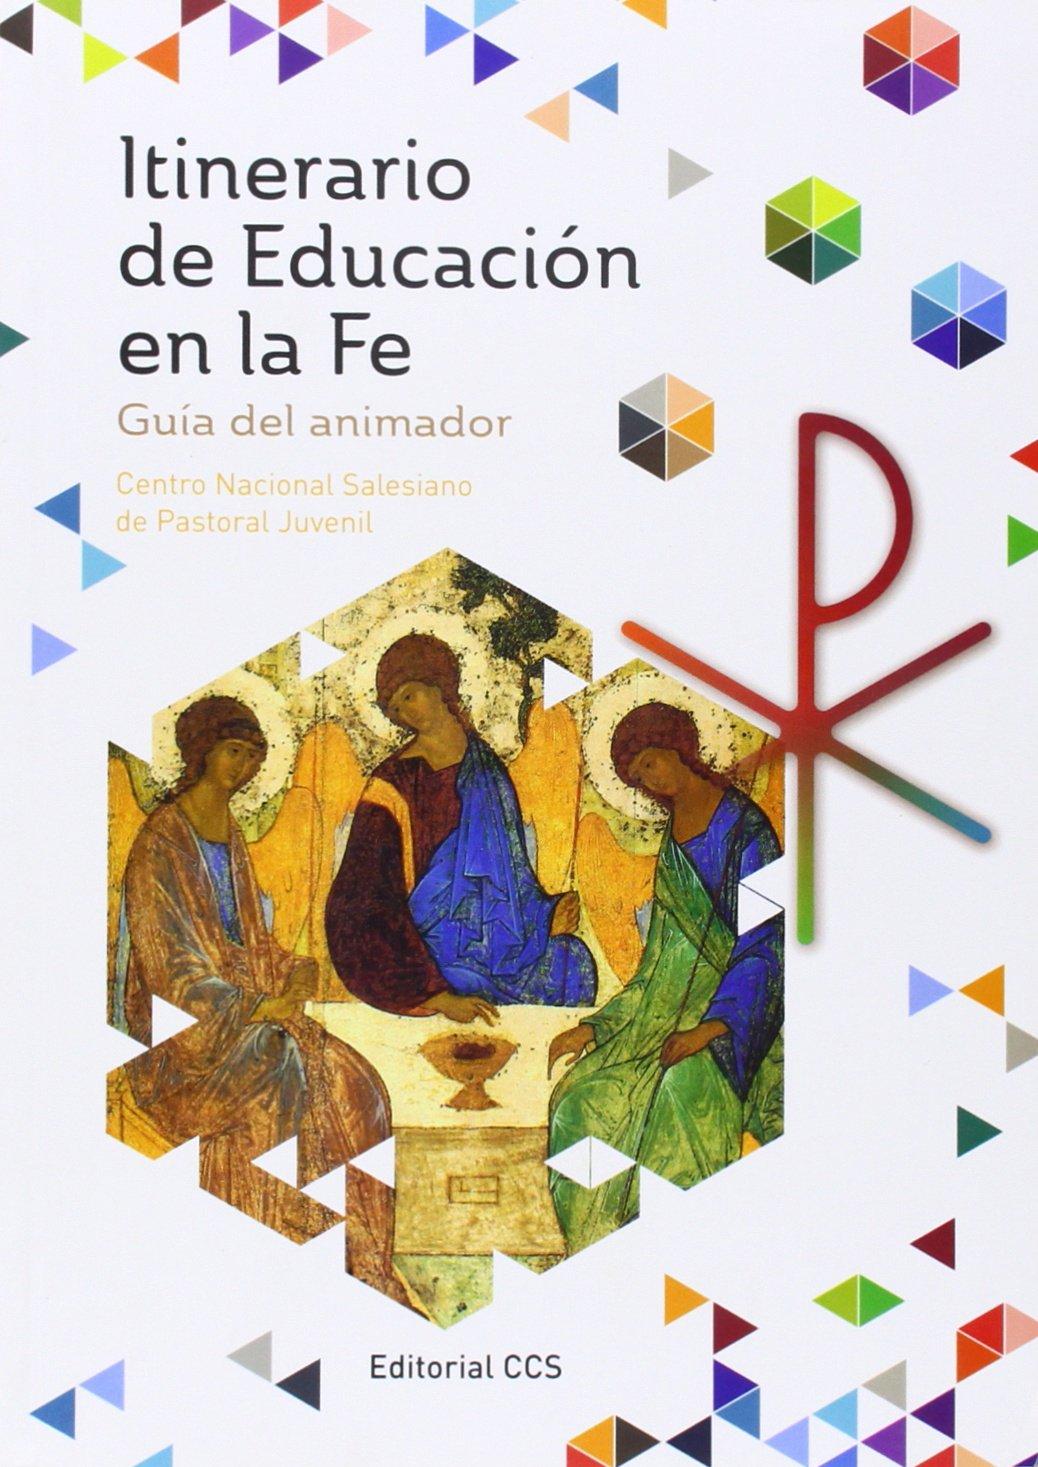 Itinerario de Educación en la Fe: Guia del animador: 13: Amazon.es: Centro Nacional Salesiano de Pastoral Juvenil: Libros